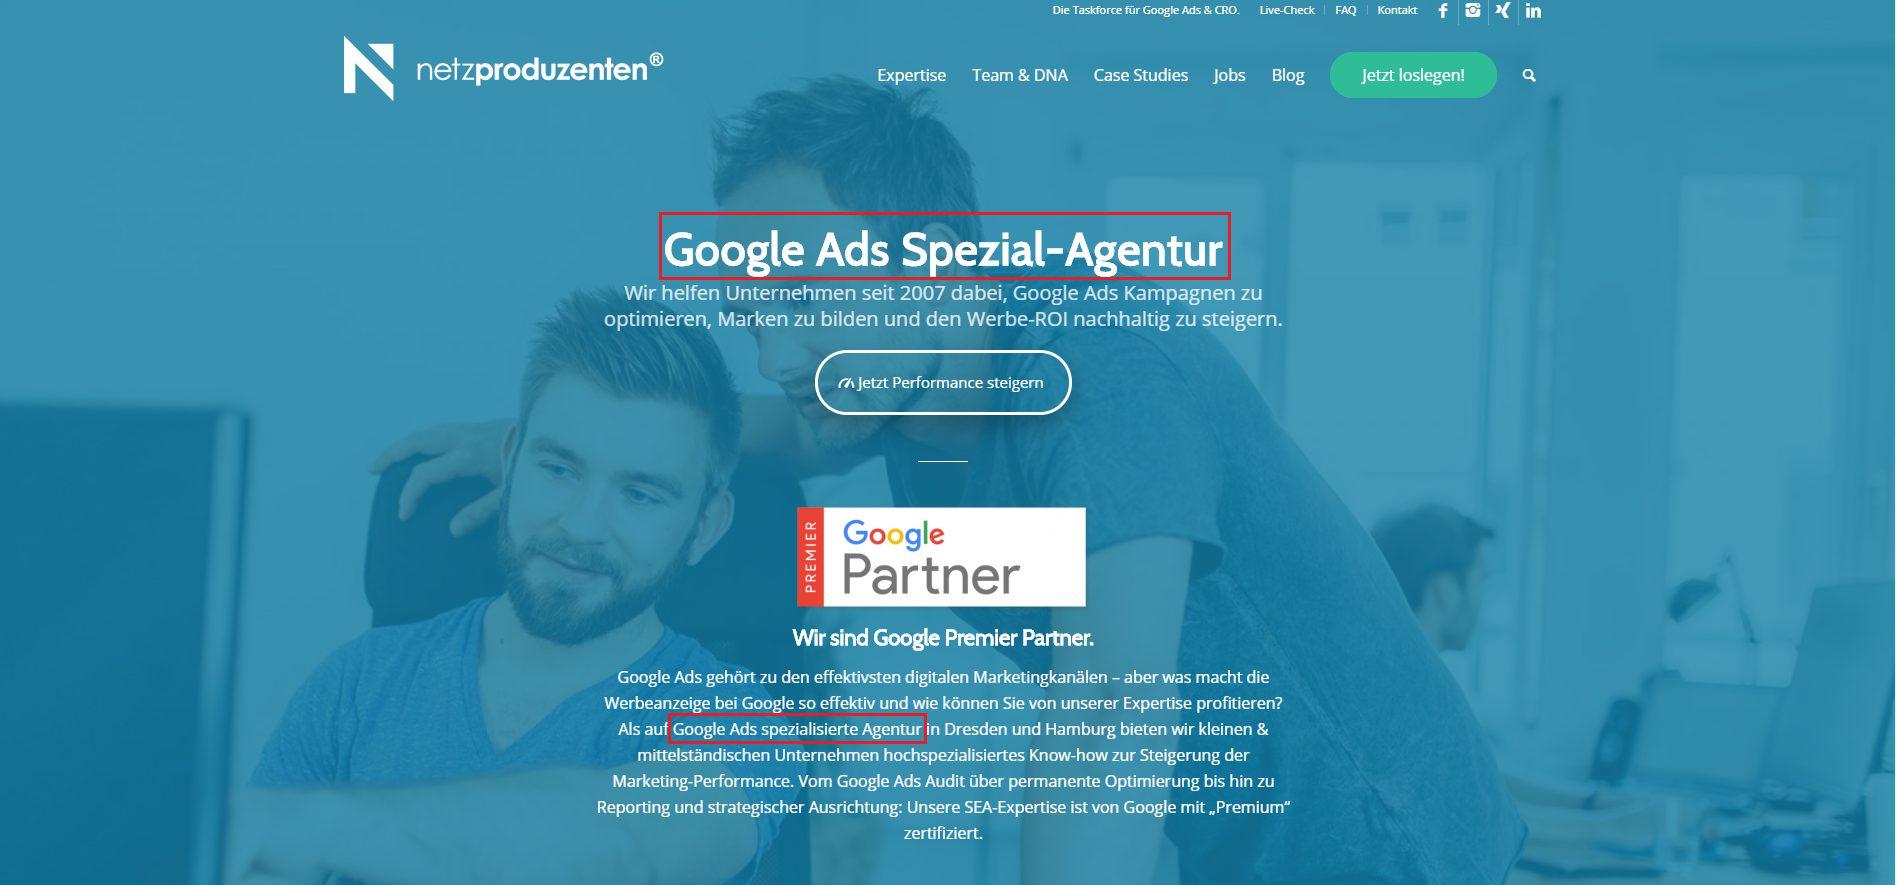 Unsere Landingpage für die Suchanfrage 'Google Ads Agentur'.